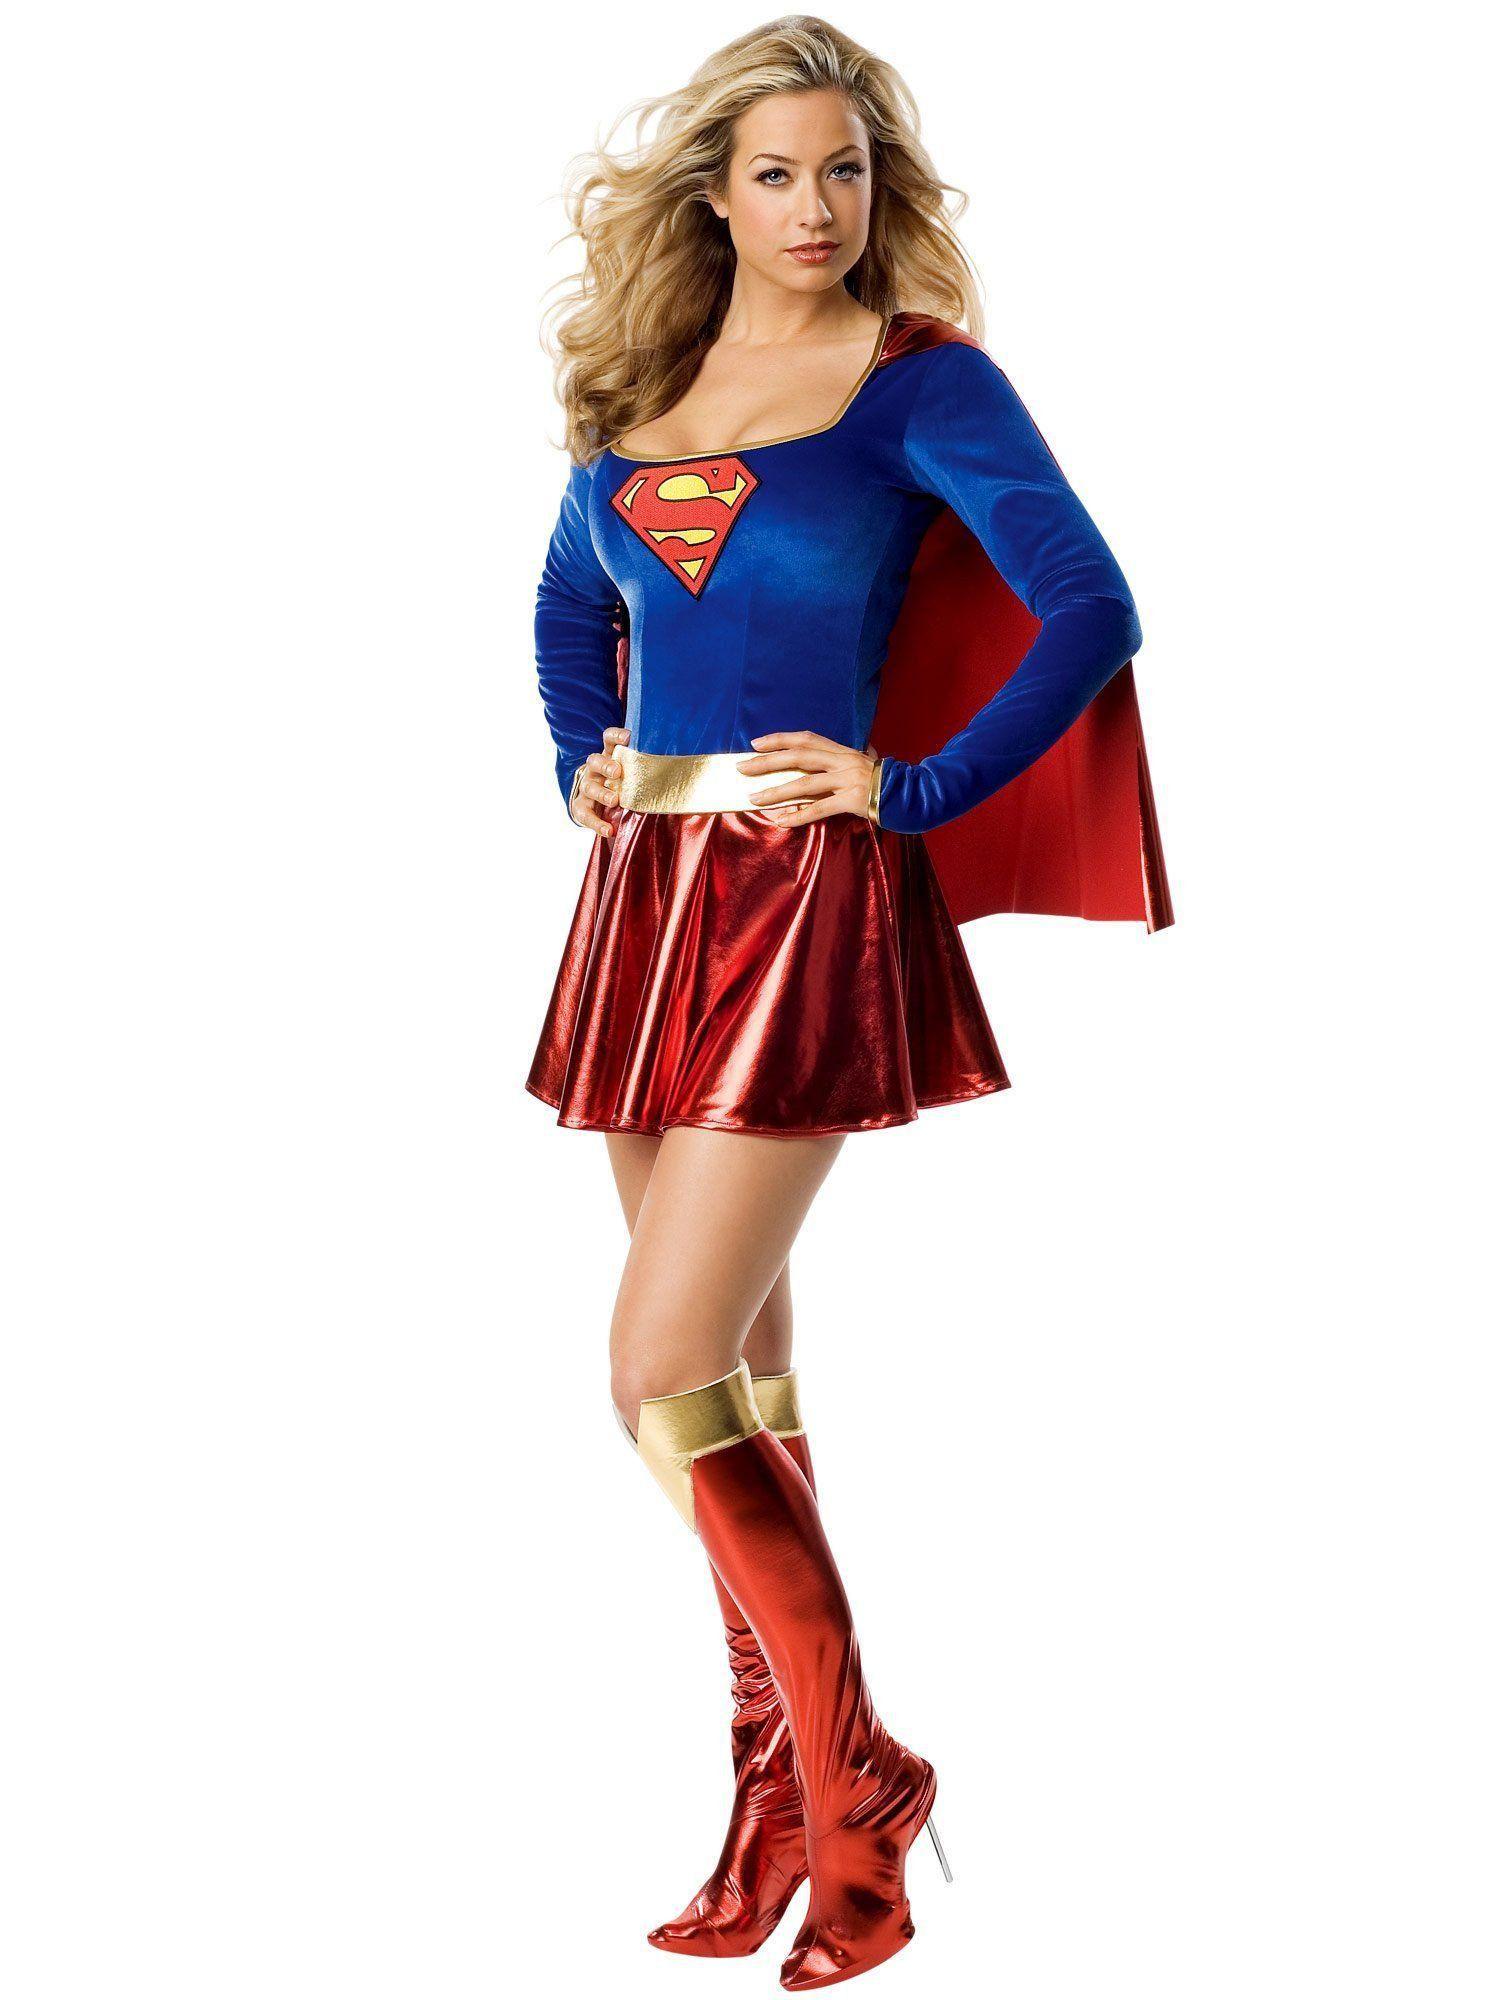 Fantasia Adulto Feminino: Supergirl (Apenas Venda Online)